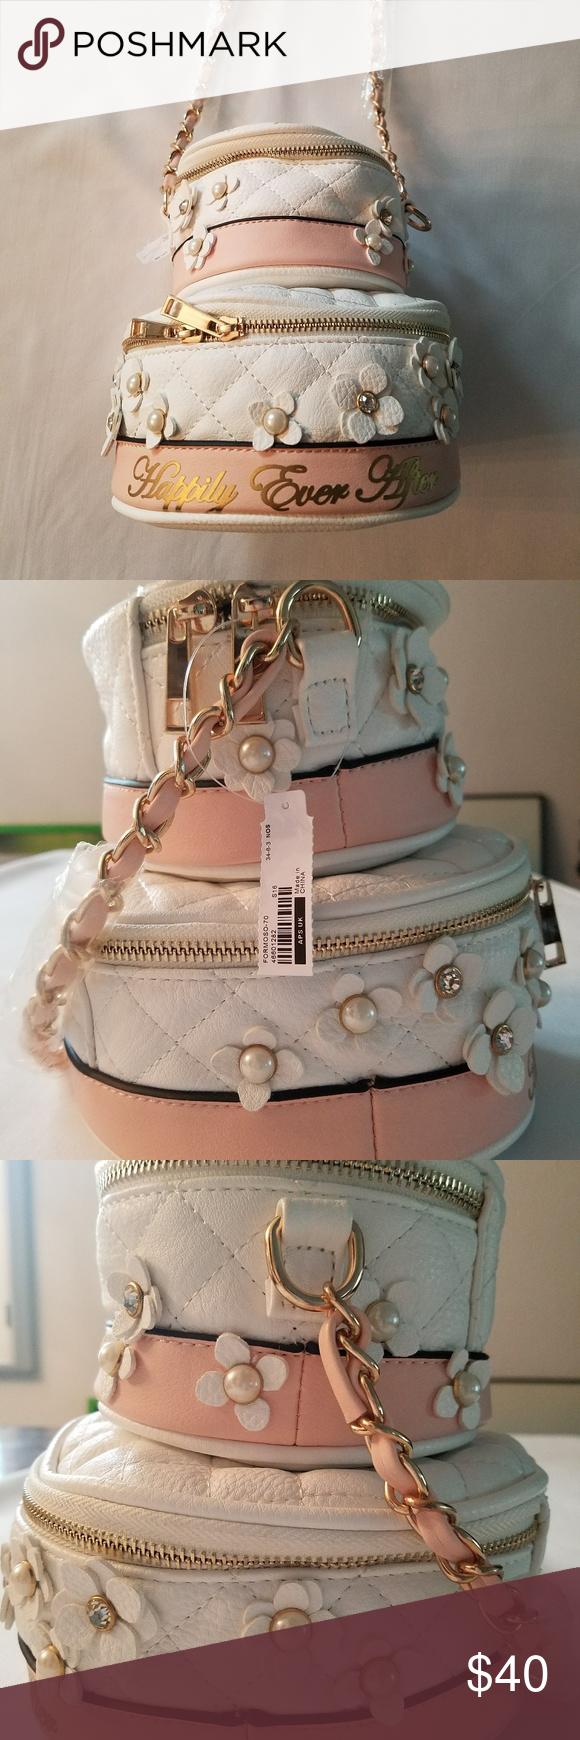 932d06c11ca Aldo Wedding Cake Cross Body Bag Wedding cake bag from Aldo  brand new with  tags! 100% Polyurethane Imported Textile lining Zipper closure 21